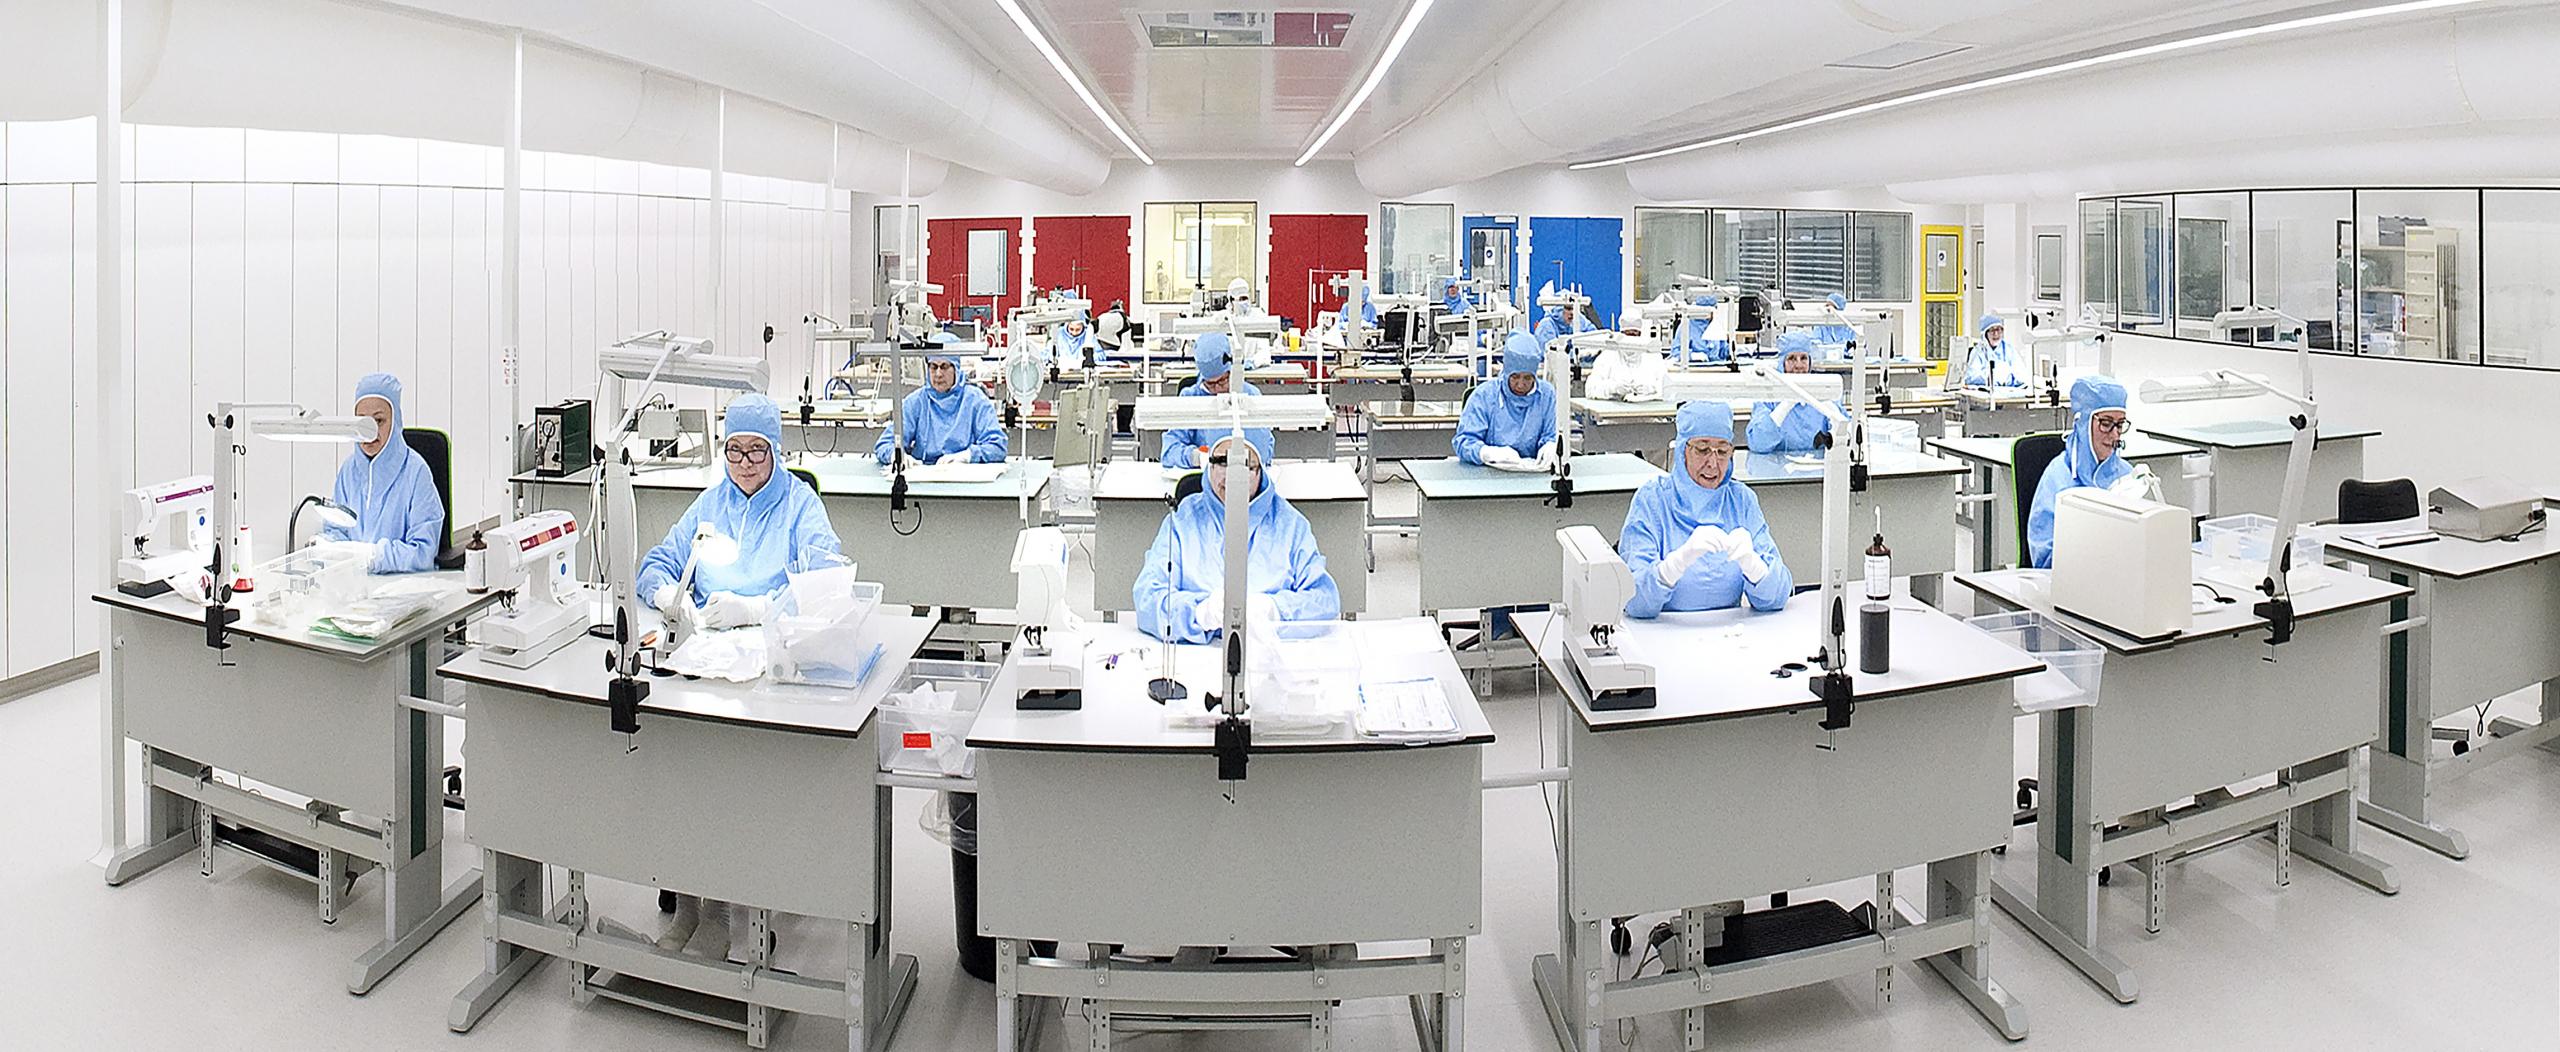 Le projet COUSIN REBOOST de l'entreprise Cousin Surgery (anciennement Cousin Biotech) est lauréat du plan de relance